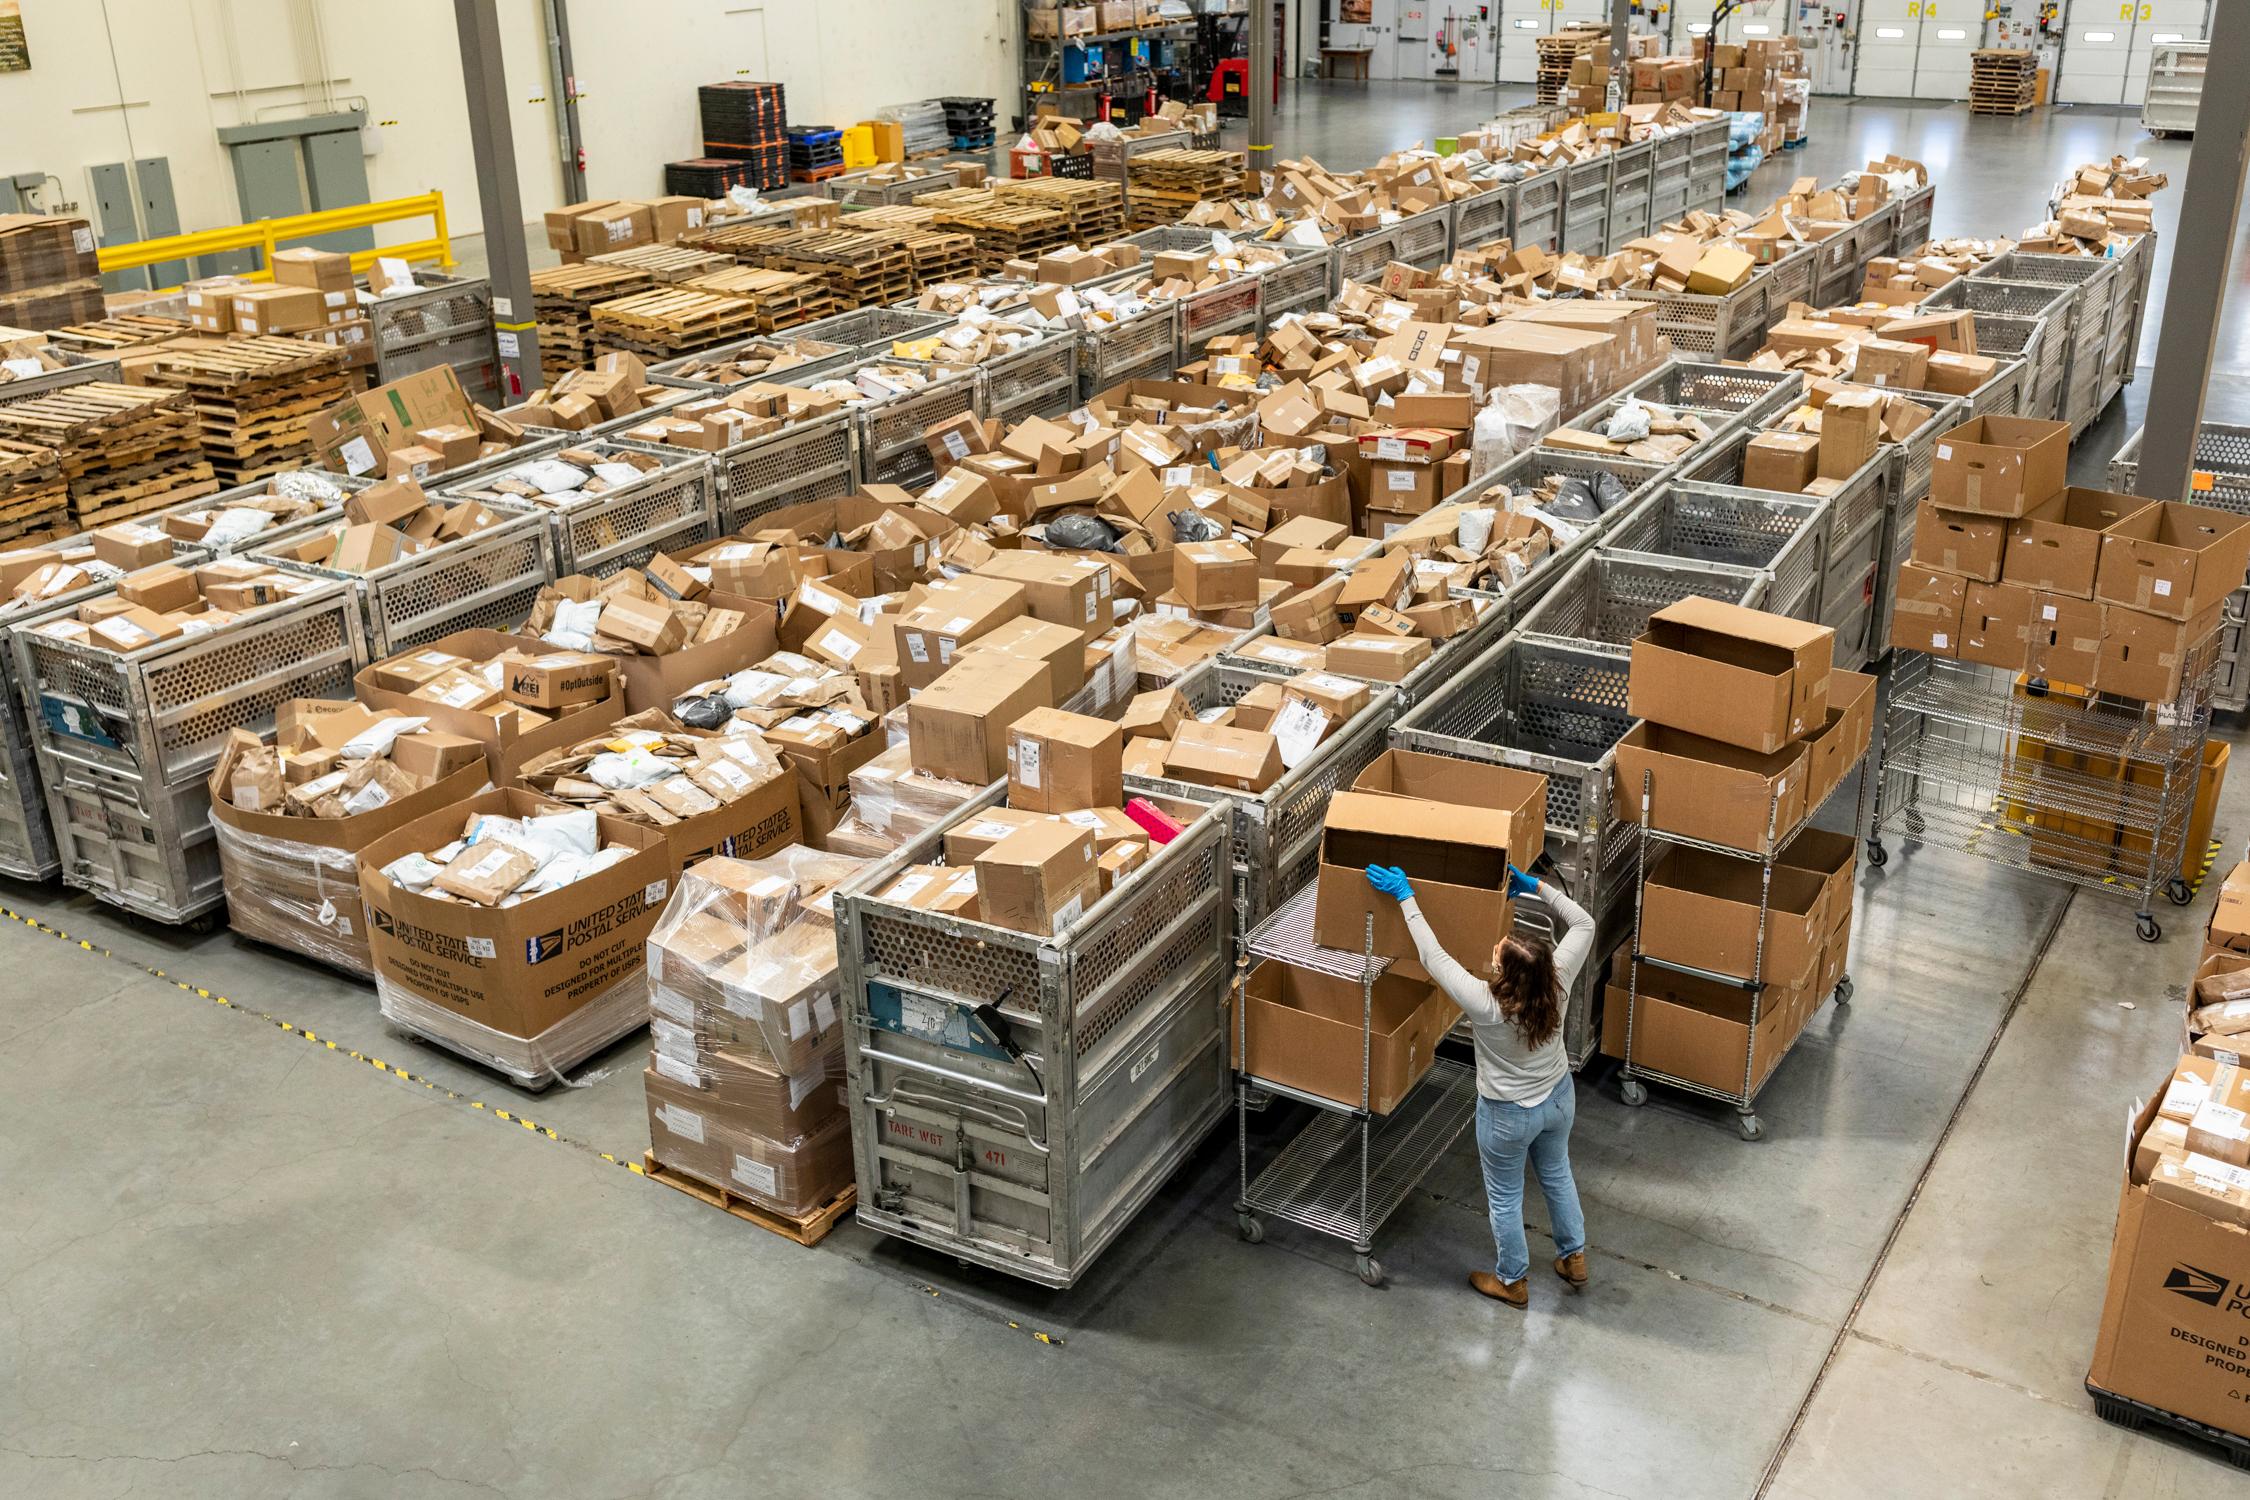 Patagonia Reno Warehouse empty